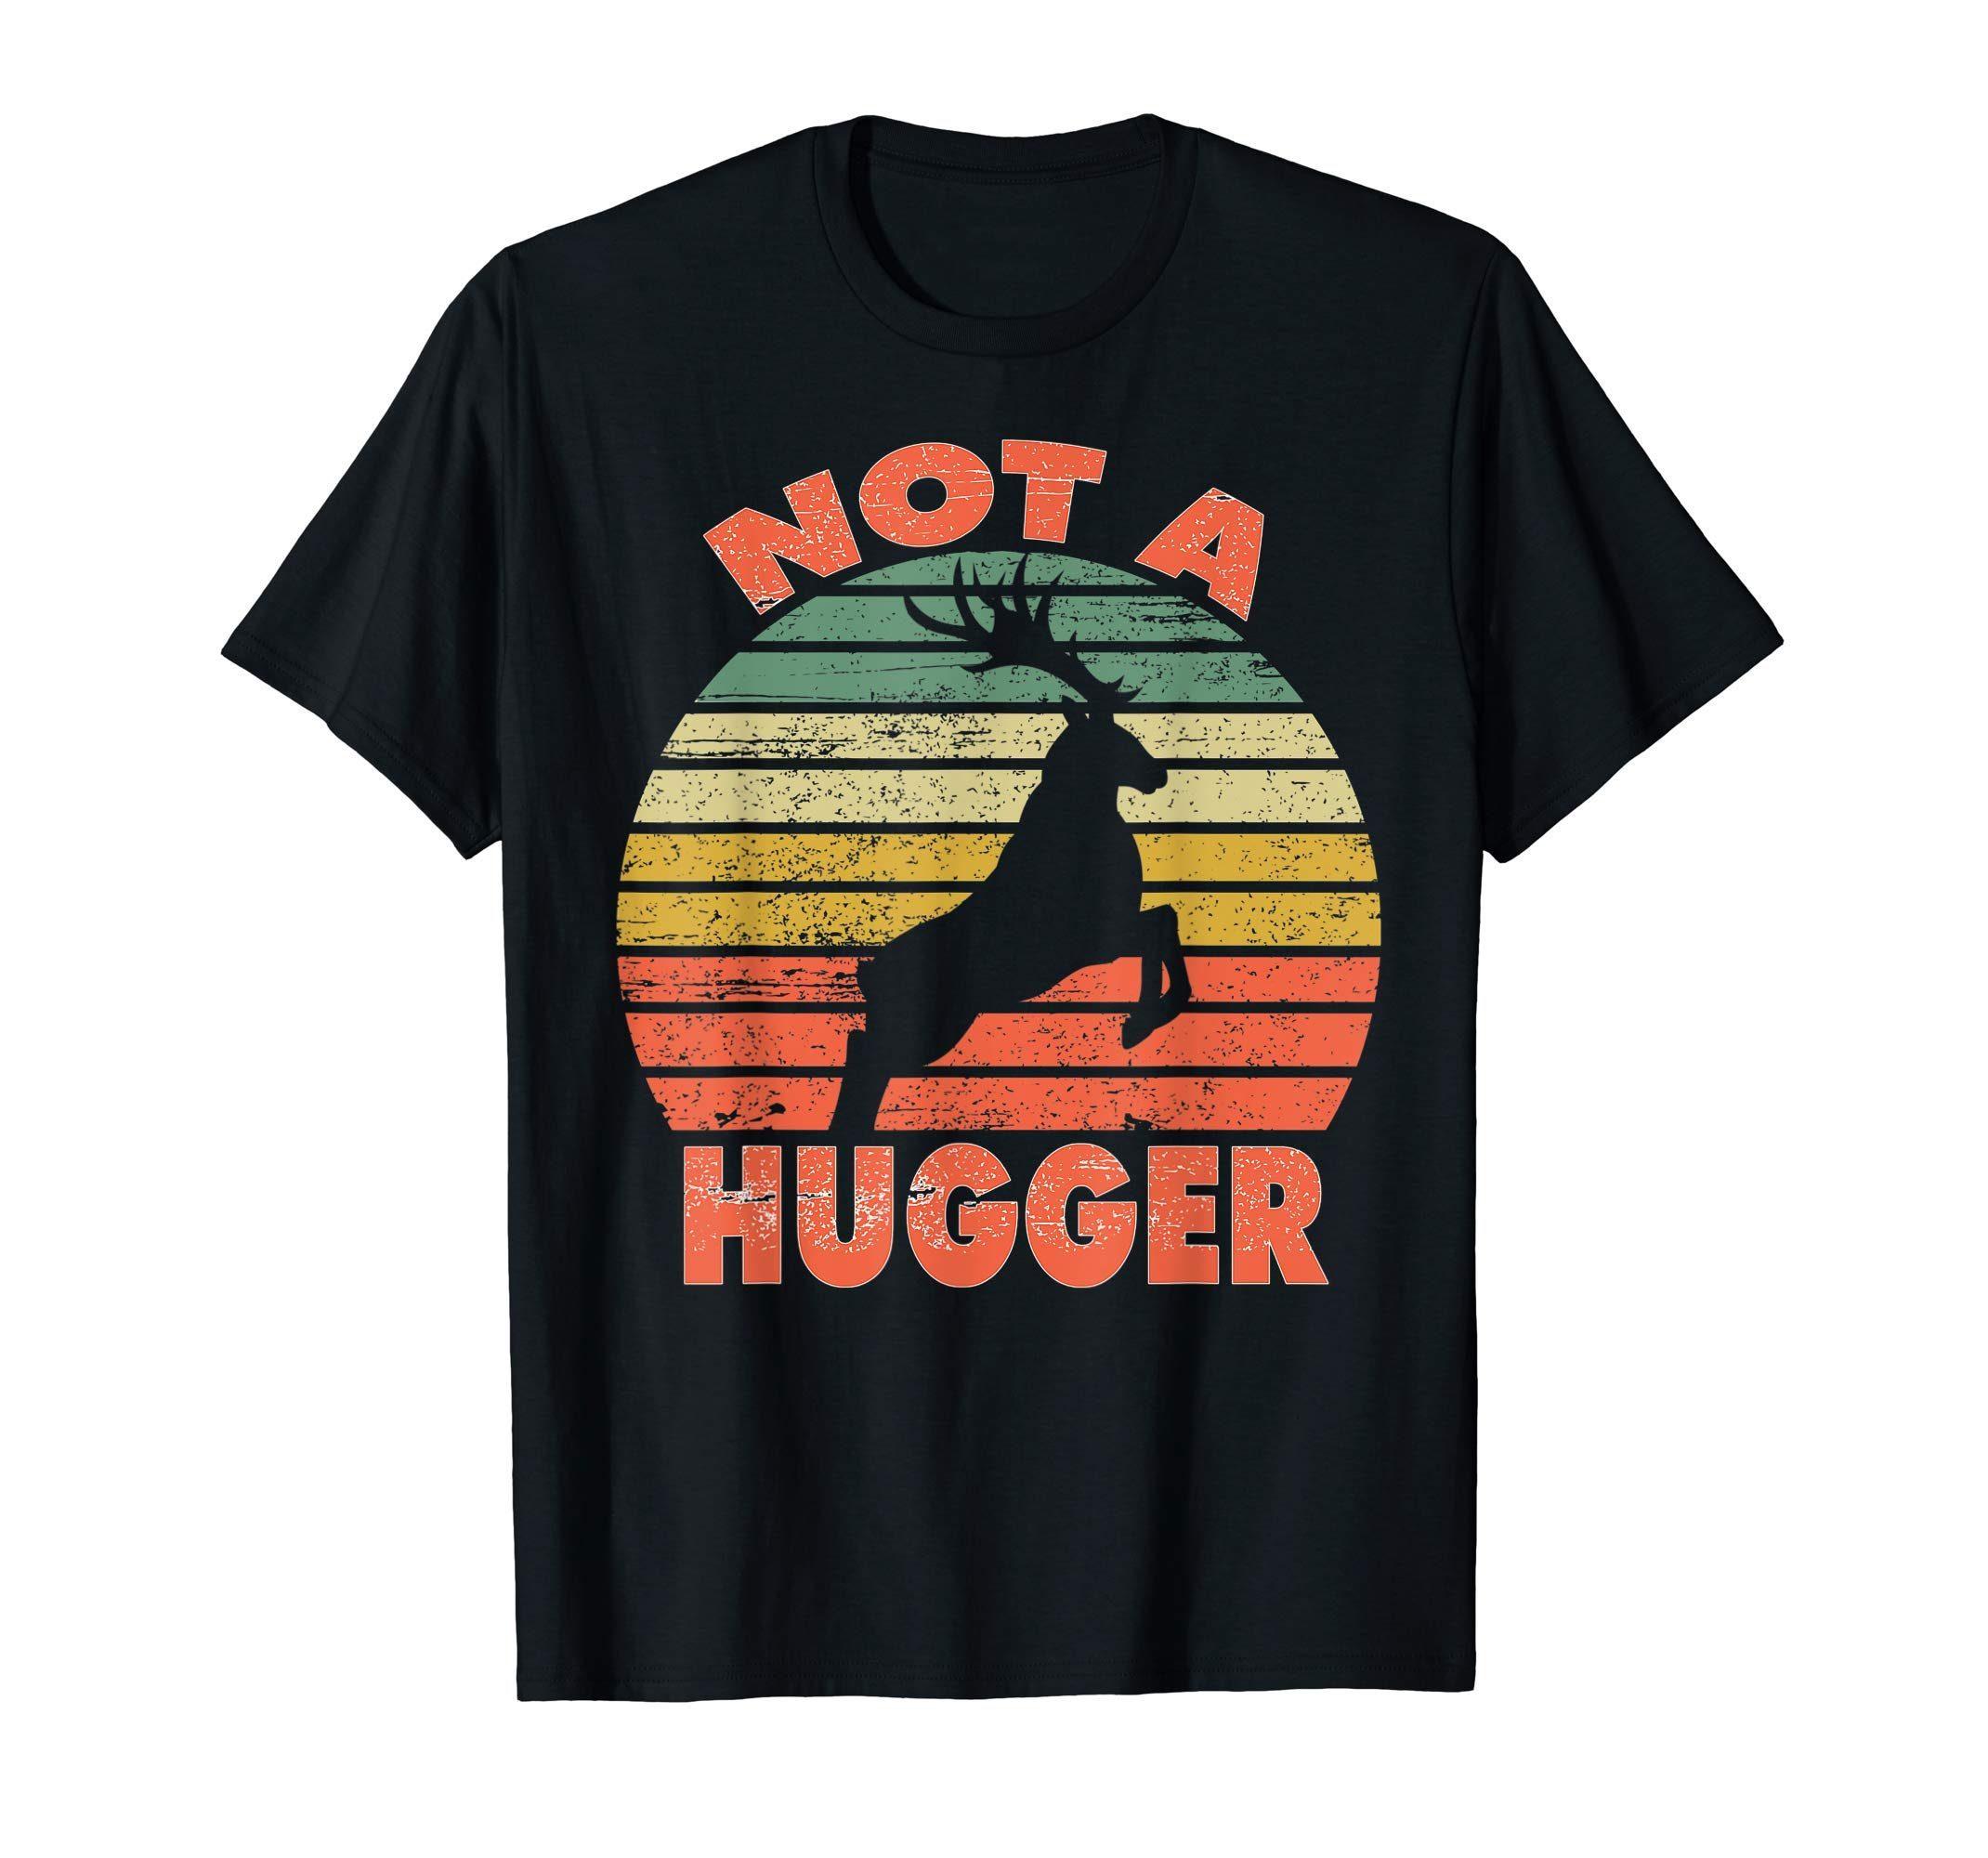 25e8fb16 Not a hugger T shirt vintage deer Shirt Gifts Men Women ...